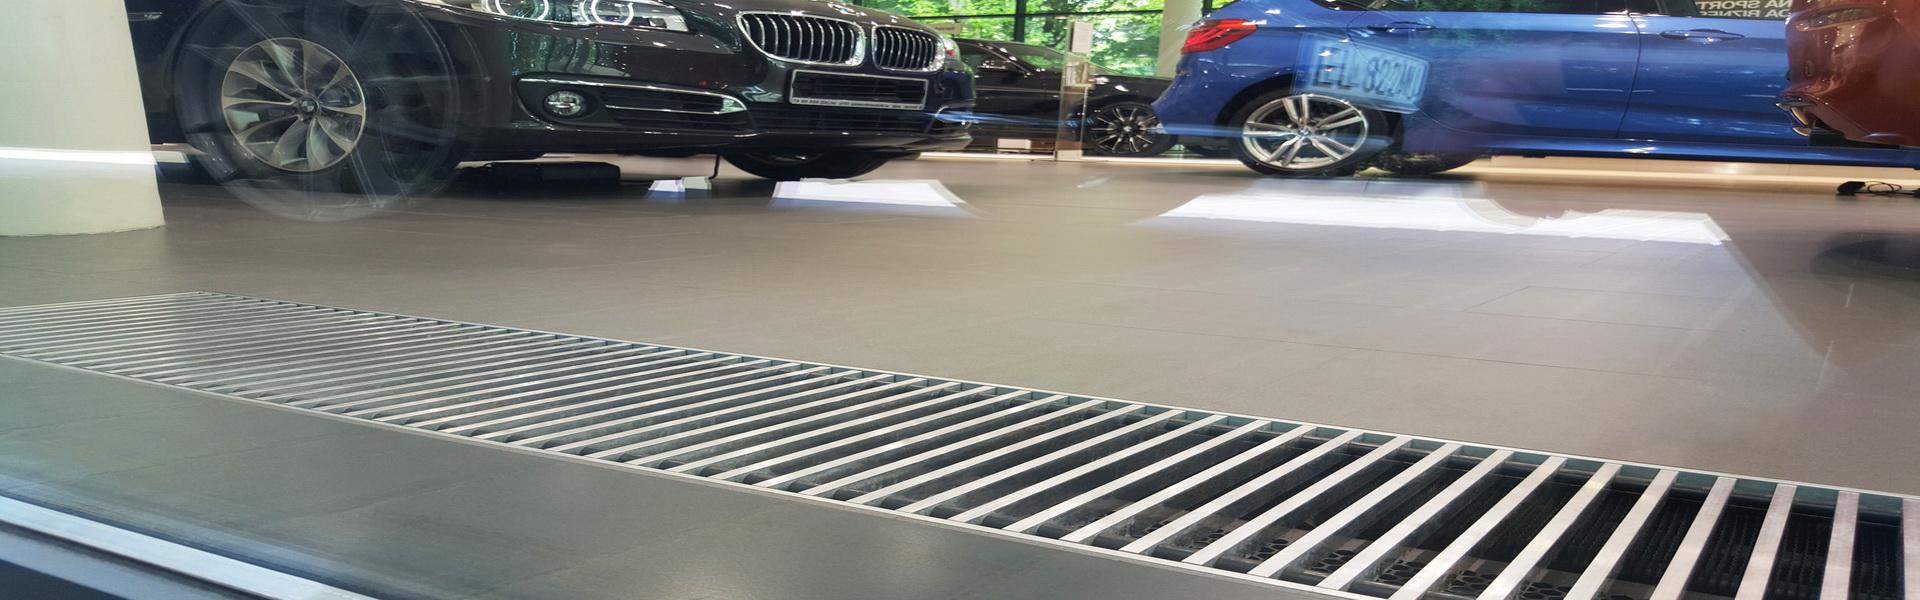 Фото конвекторный обогреватель в автомобильном салоне